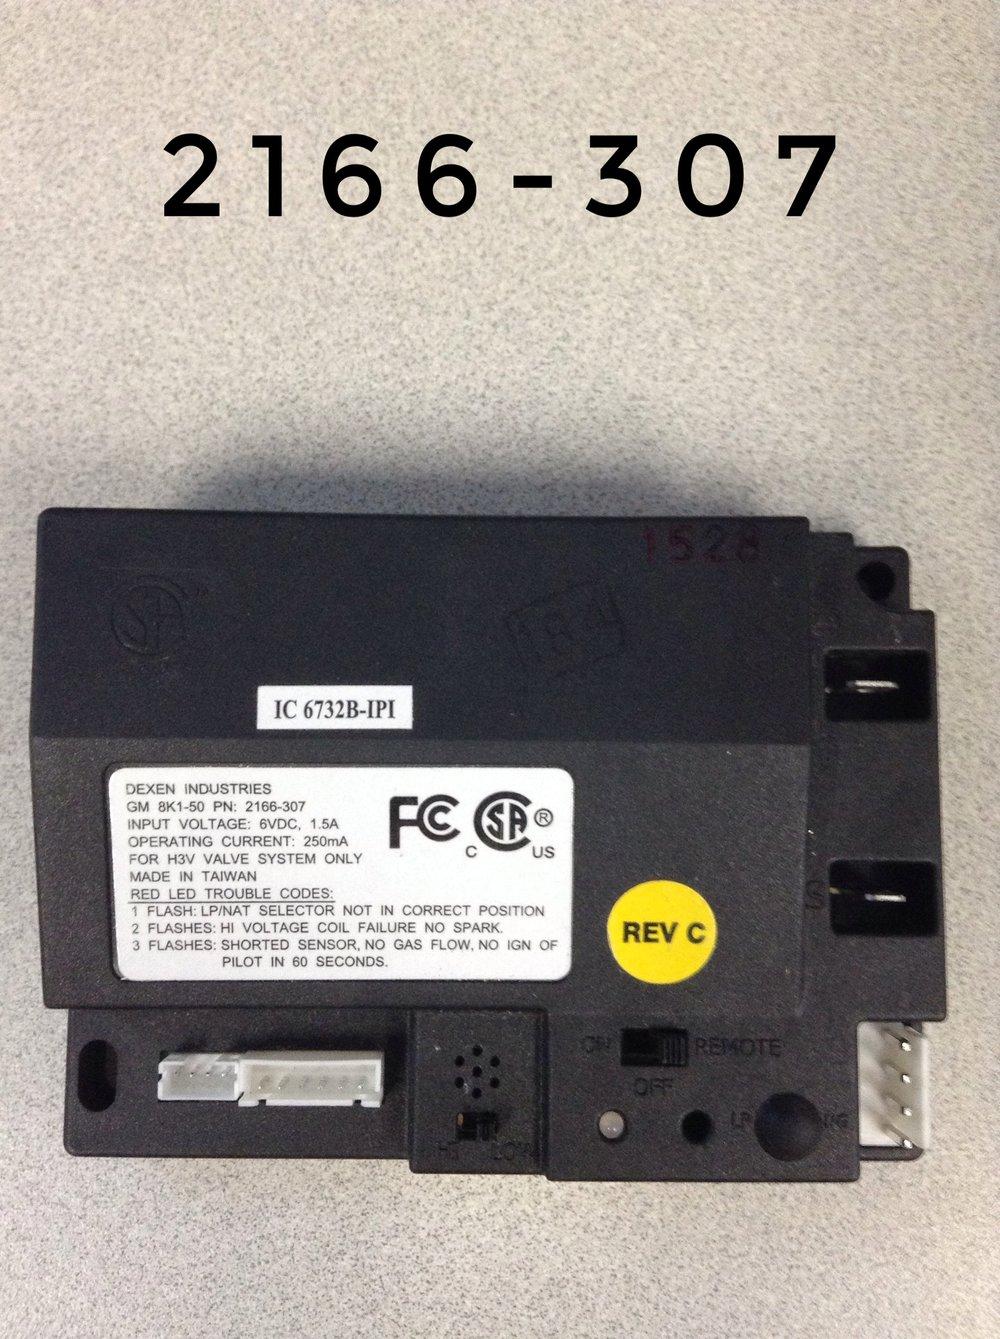 2166-307.JPG